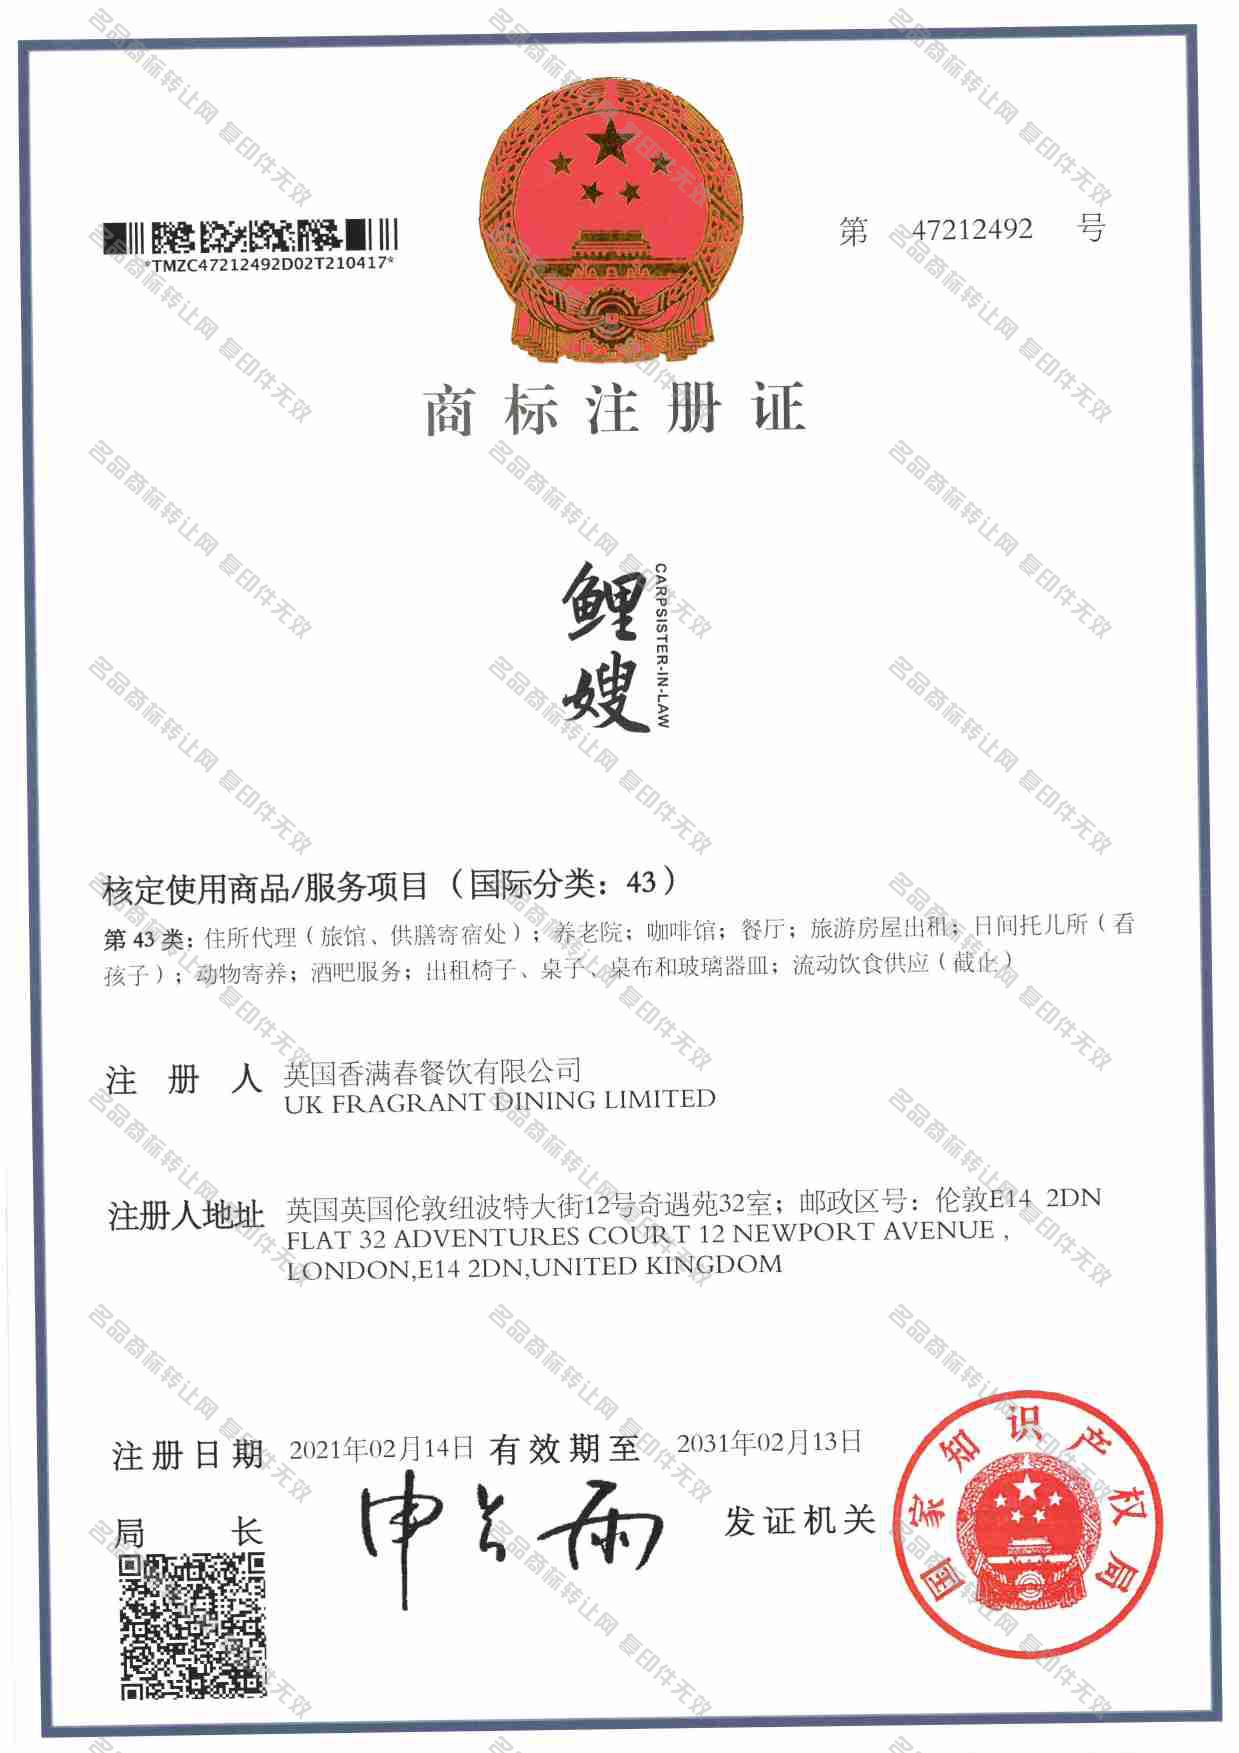 鲤嫂  CARPSISTER-IN-LAW注册证